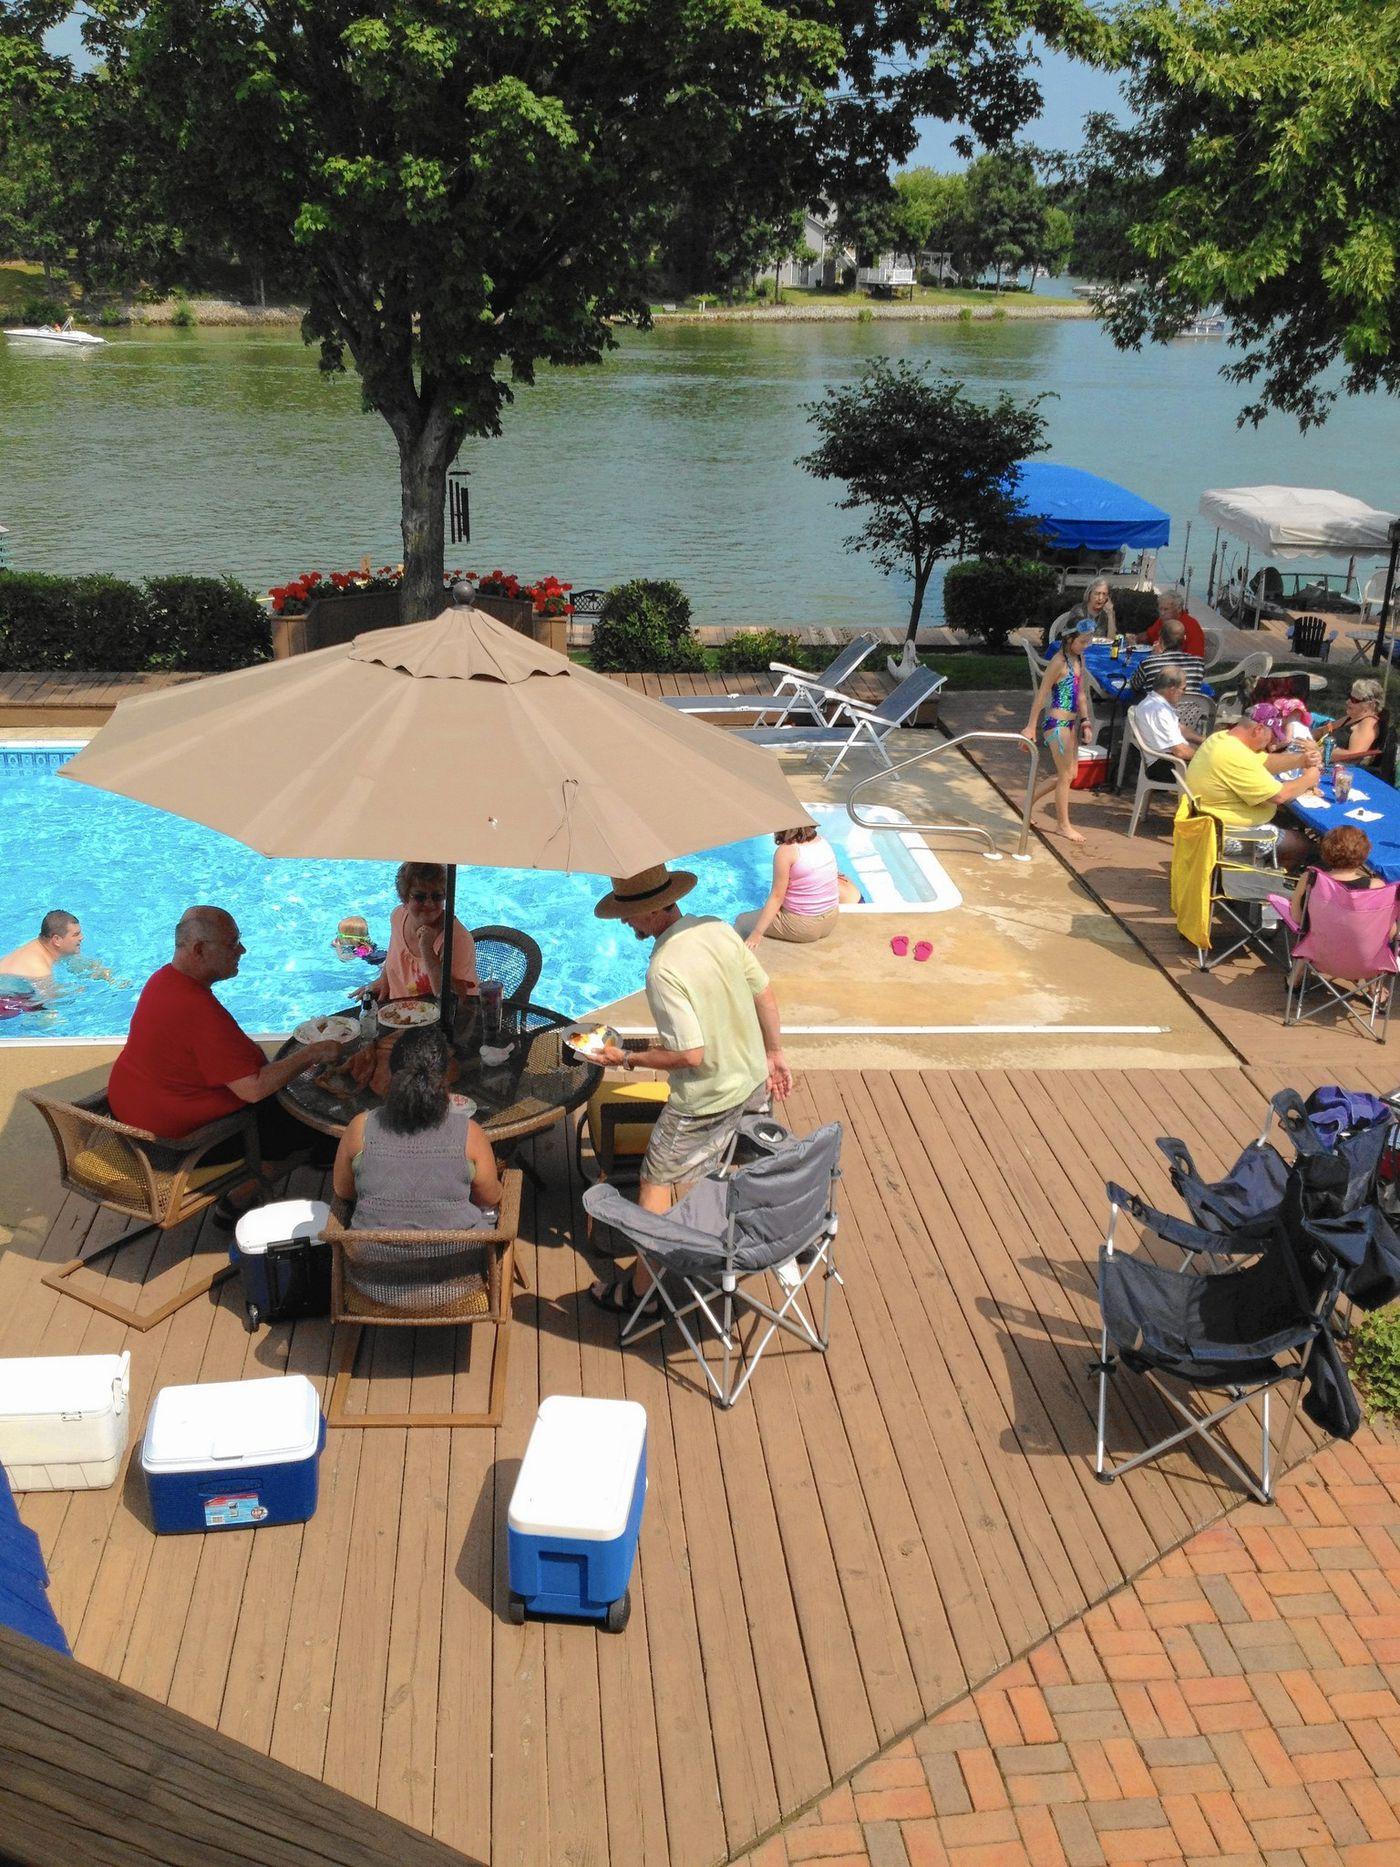 Lakes Of The Four Seasons Turns 50 Amid July 4 Celebration Chicago Tribune